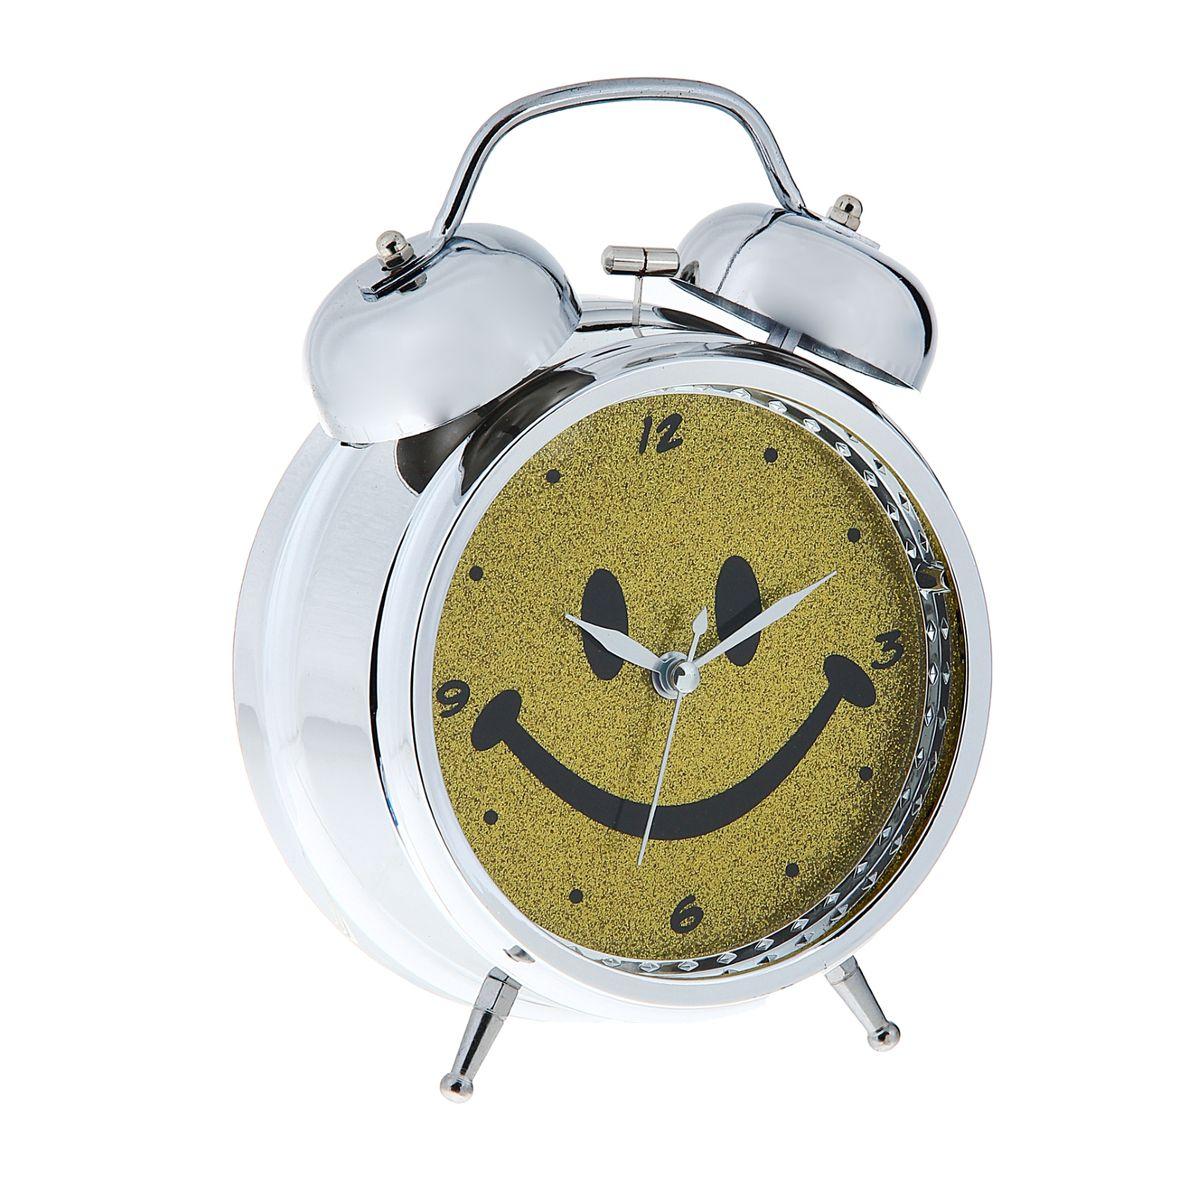 Часы-будильник Sima-land Смайл150673Как же сложно иногда вставать вовремя! Всегда так хочется поспать еще хотя бы 5 минут и бывает, что мы просыпаем. Теперь этого не случится! Яркий, оригинальный будильник Sima-land Смайл поможет вам всегда вставать в нужное время и успевать везде и всюду.Корпус будильника выполнен из металла. Циферблат оформлен изображением смайла, имеет индикацию отметок с арабскими цифрами. Часы снабжены 4 стрелками (секундная, минутная, часовая и для будильника). На задней панели будильника расположен переключатель включения/выключения механизма, а также два колесика для настройки текущего времени и времени звонка будильника. Также будильник оснащен кнопкой, при нажатии и удержании которой подсвечивается циферблат.Пользоваться будильником очень легко: нужно всего лишь поставить батарейки, настроить точное время и установить время звонка. Необходимо докупить 3 батарейки типа АА (не входят в комплект).